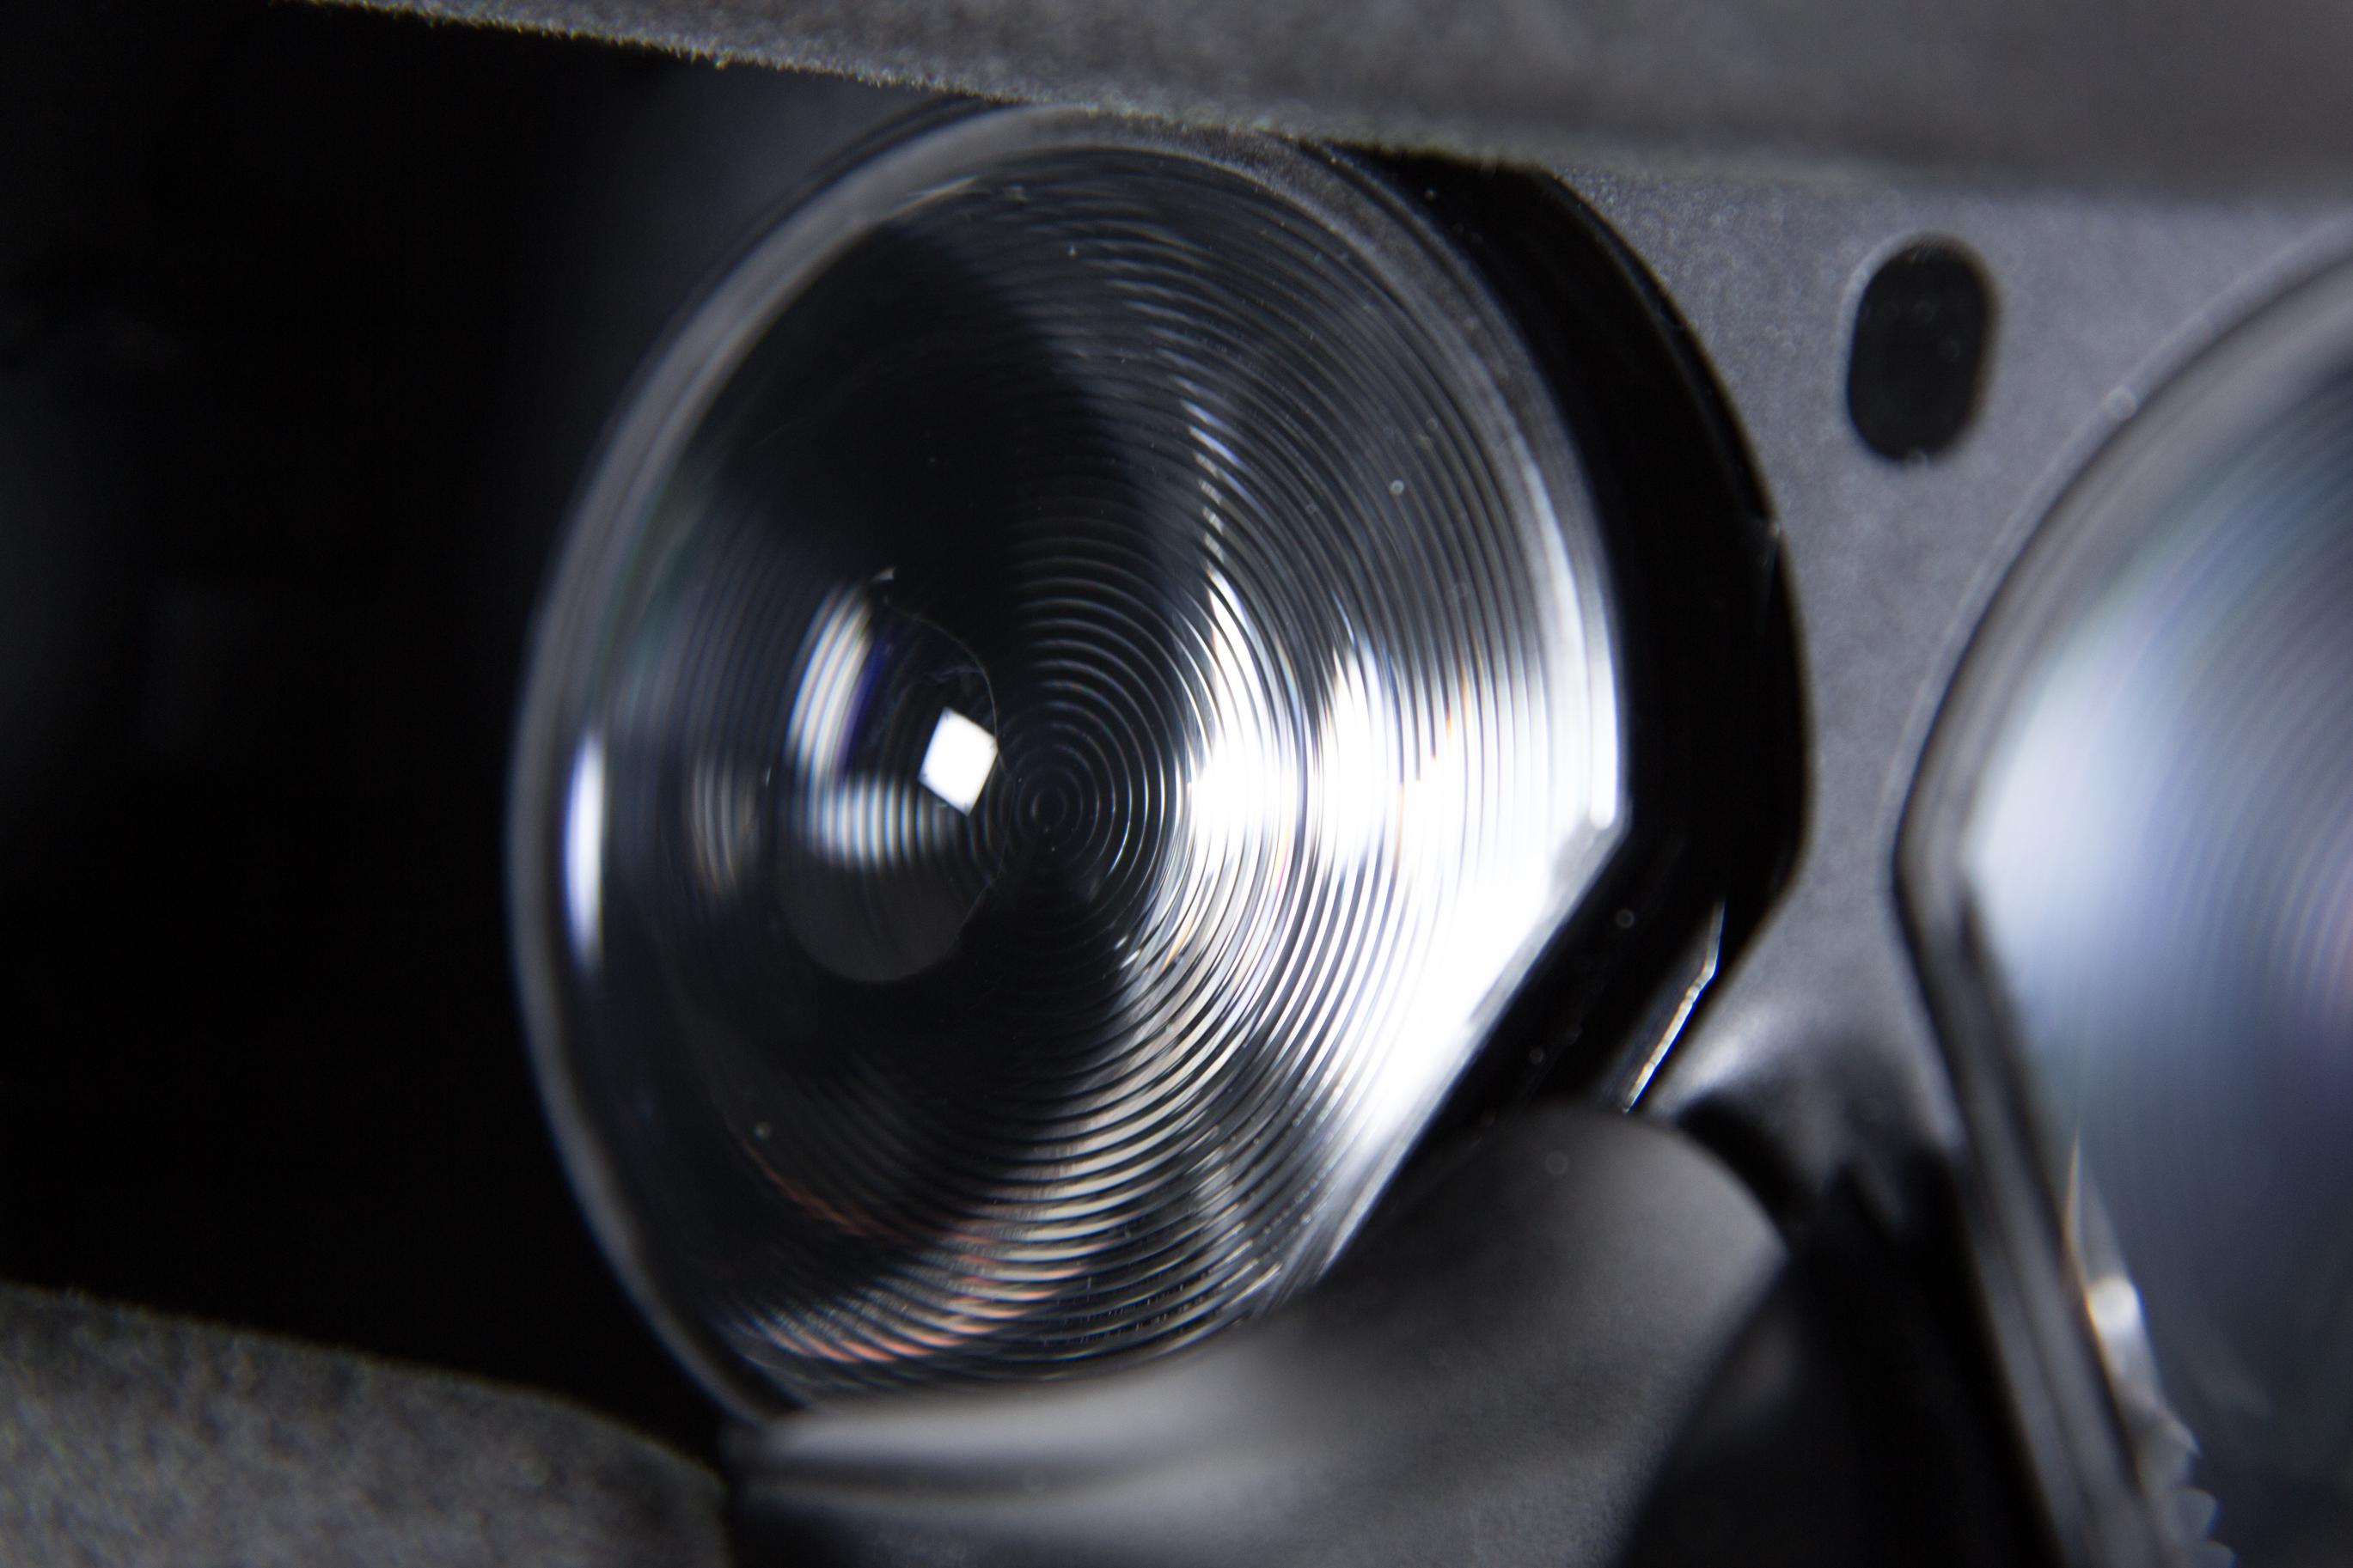 HTC Vive im Test: Zwei mal zwei Meter sind mehr, als man denkt - Der markante Schliff der Fresnel-Linsen (Bild: Martin Wolf/Golem.de)